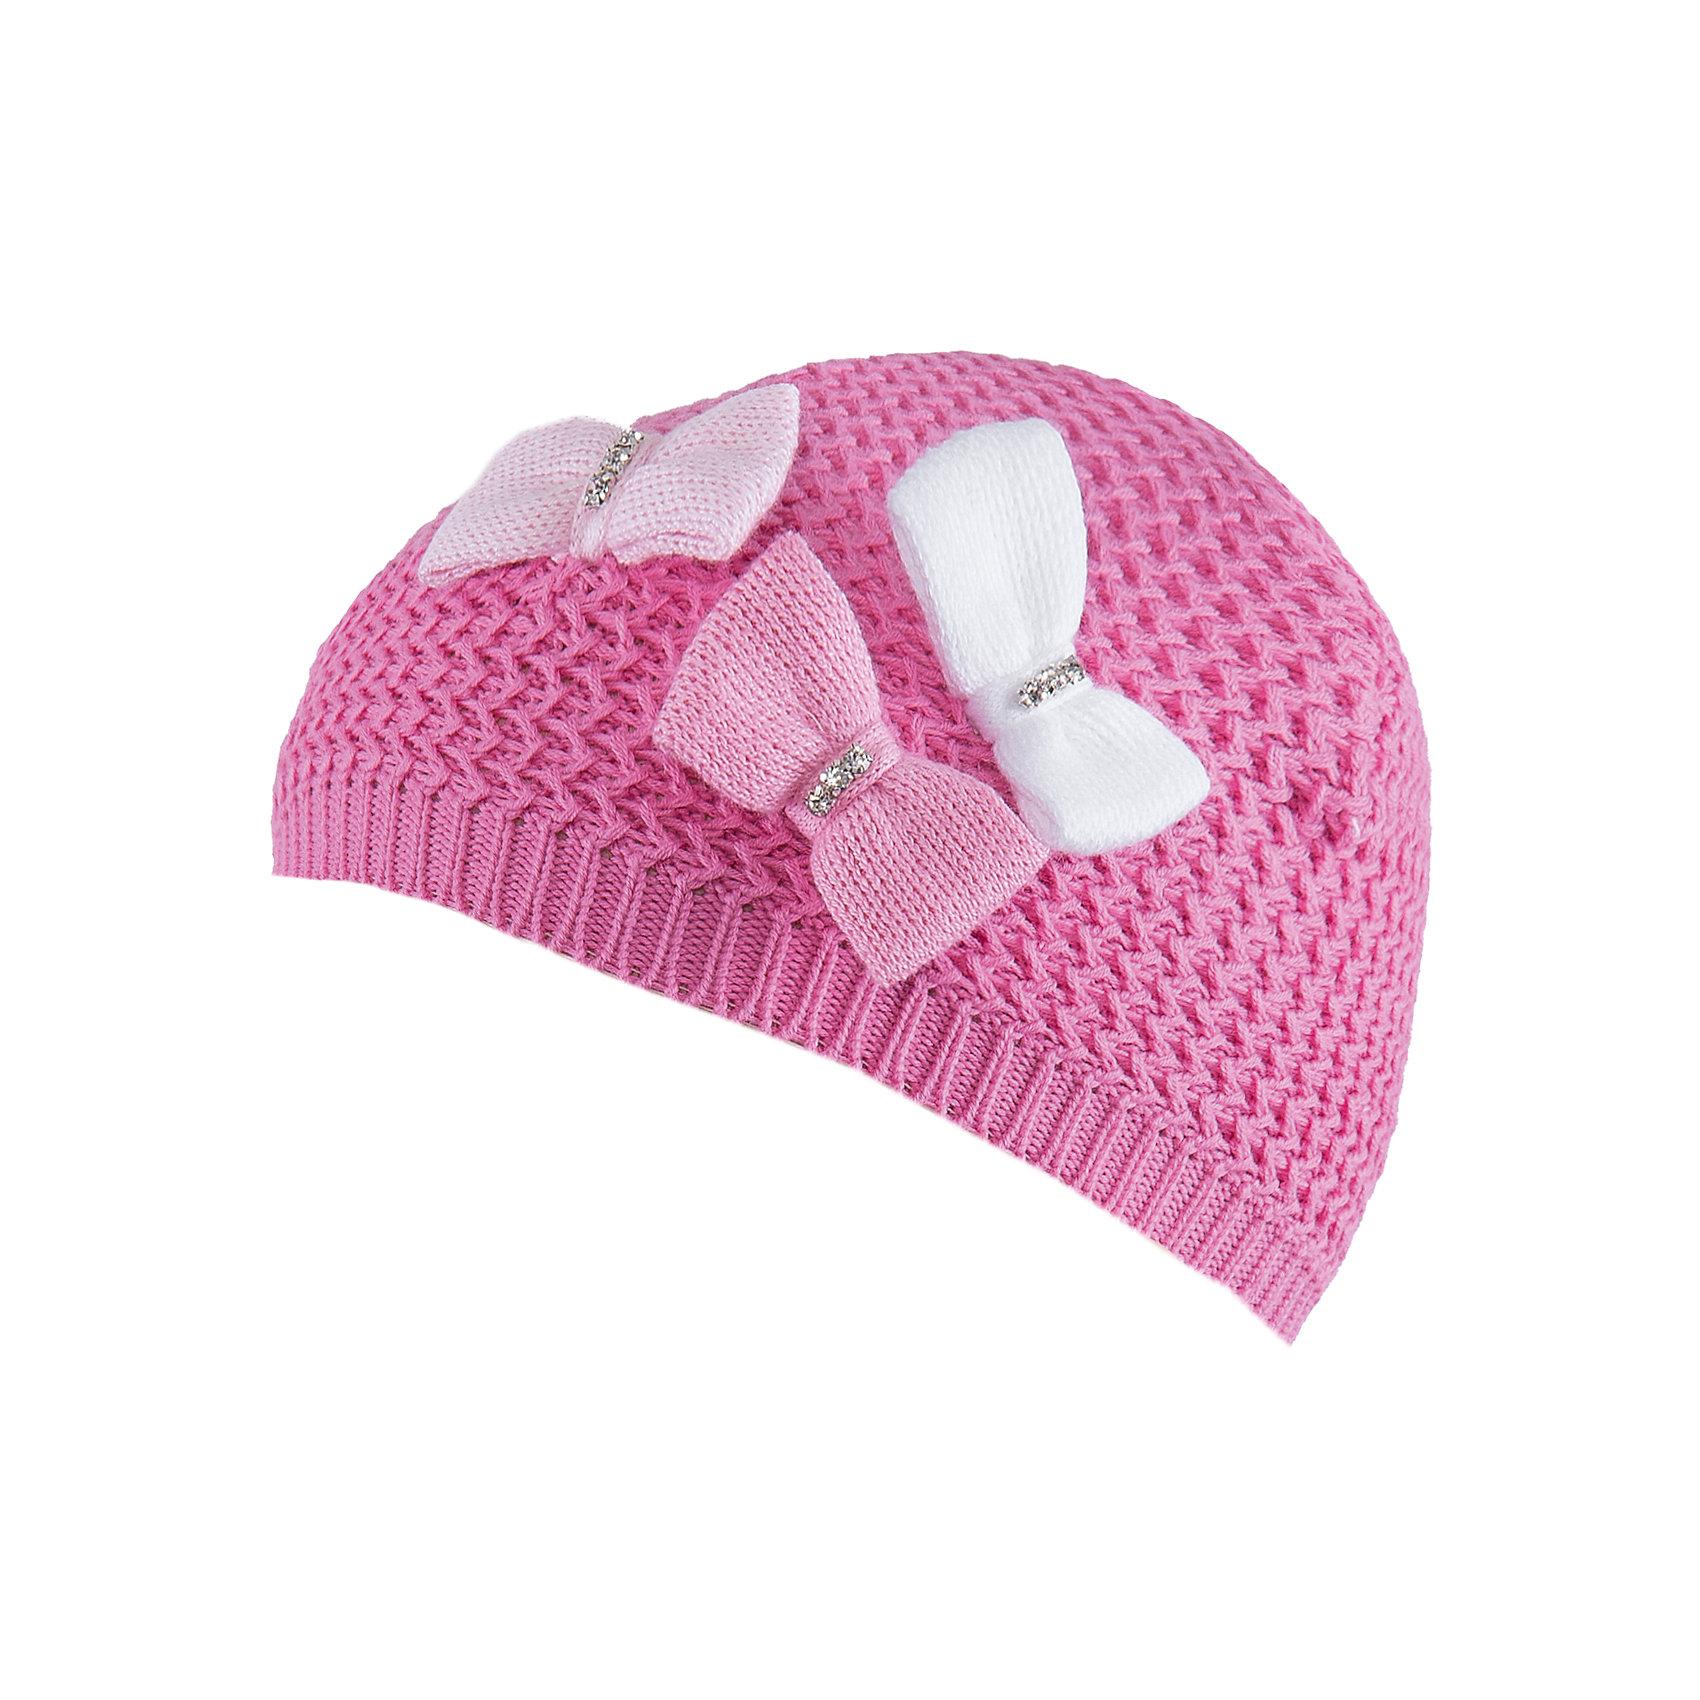 Шапка для девочки АртельШапка для девочки от торговой марки Артель <br><br>Модная шапка отлично смотрится на детях и комфортно сидит. Эта модель создана специально для девочек. Изделие выполнено из качественных материалов. Отличный вариант для переменной погоды межсезонья! <br>Одежда от бренда Артель – это высокое качество по приемлемой цене и всегда продуманный дизайн. <br><br>Особенности модели: <br>- цвет — розовый; <br>- украшена текстильными бантами; <br>- натуральный хлопок. <br><br>Дополнительная информация: <br><br>Состав: 100% хлопок.<br><br><br>Температурный режим: <br>от -10 °C до +10 °C <br><br>Шапку для девочки Артель (Artel) можно купить в нашем магазине.<br><br>Ширина мм: 89<br>Глубина мм: 117<br>Высота мм: 44<br>Вес г: 155<br>Цвет: розовый<br>Возраст от месяцев: 60<br>Возраст до месяцев: 72<br>Пол: Женский<br>Возраст: Детский<br>Размер: 52,48,46,50<br>SKU: 4500505